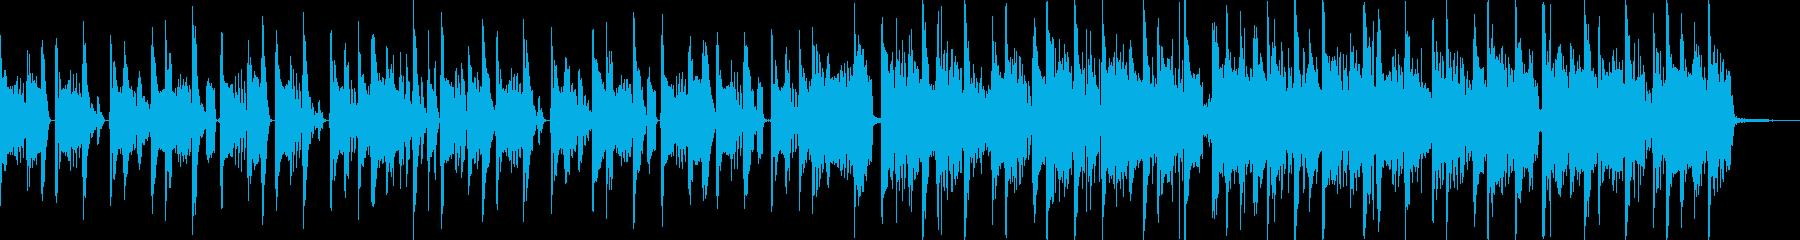 【CM】クールなビートのBGM・5の再生済みの波形